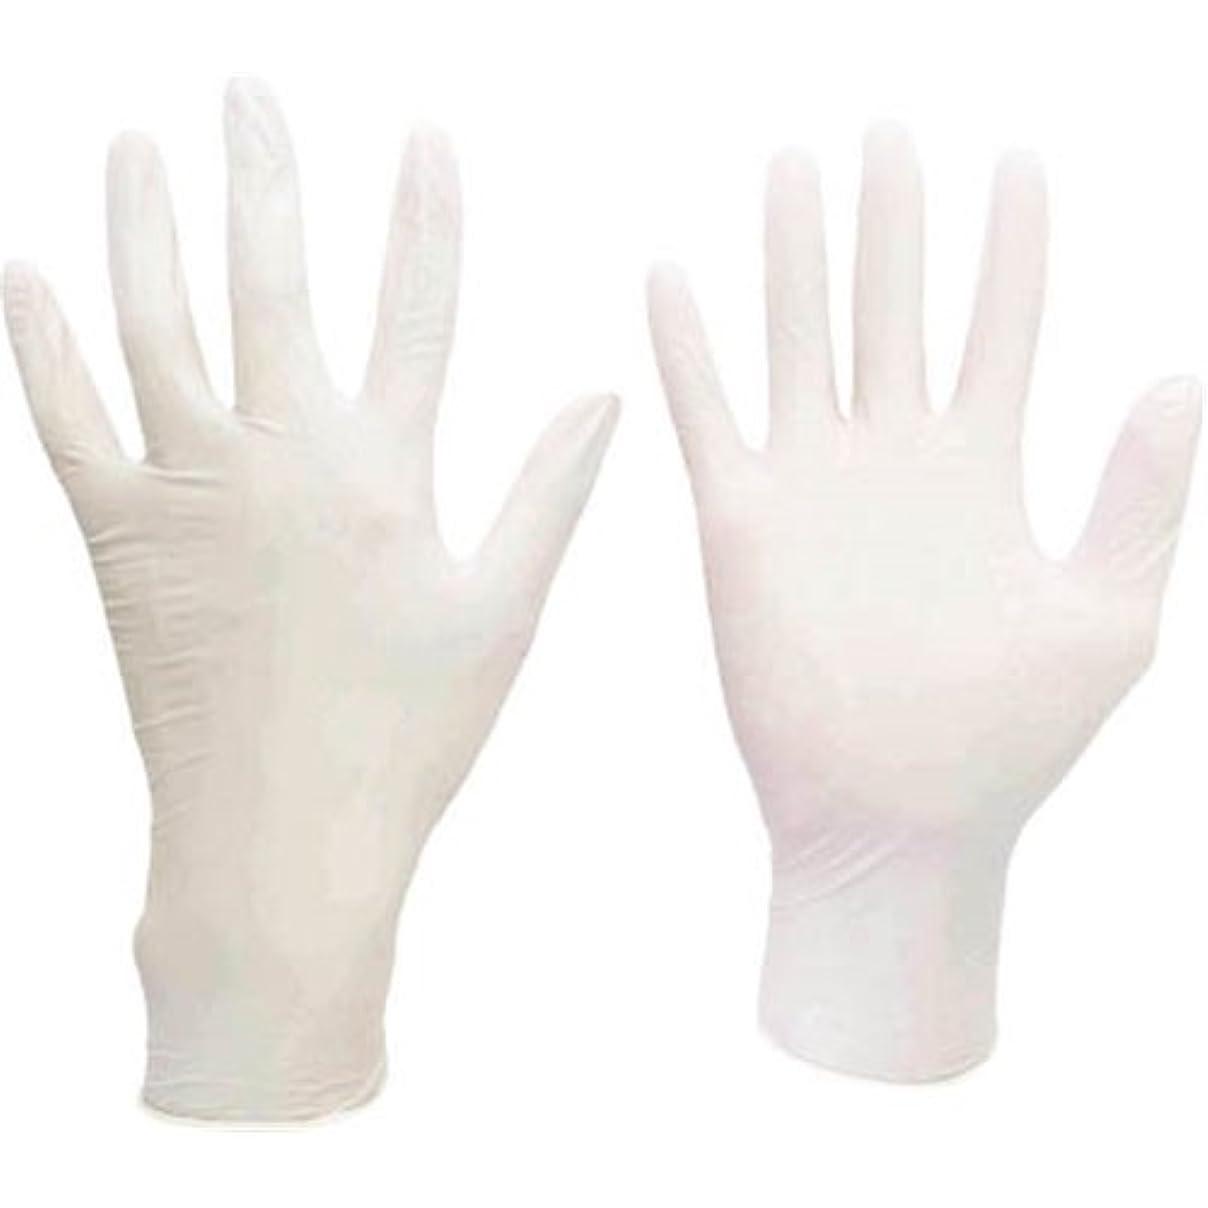 酸度責め塊ミドリ安全/ミドリ安全 ニトリル使い捨て手袋 極薄 粉なし 100枚入 白 L(3889068) VERTE-711-L